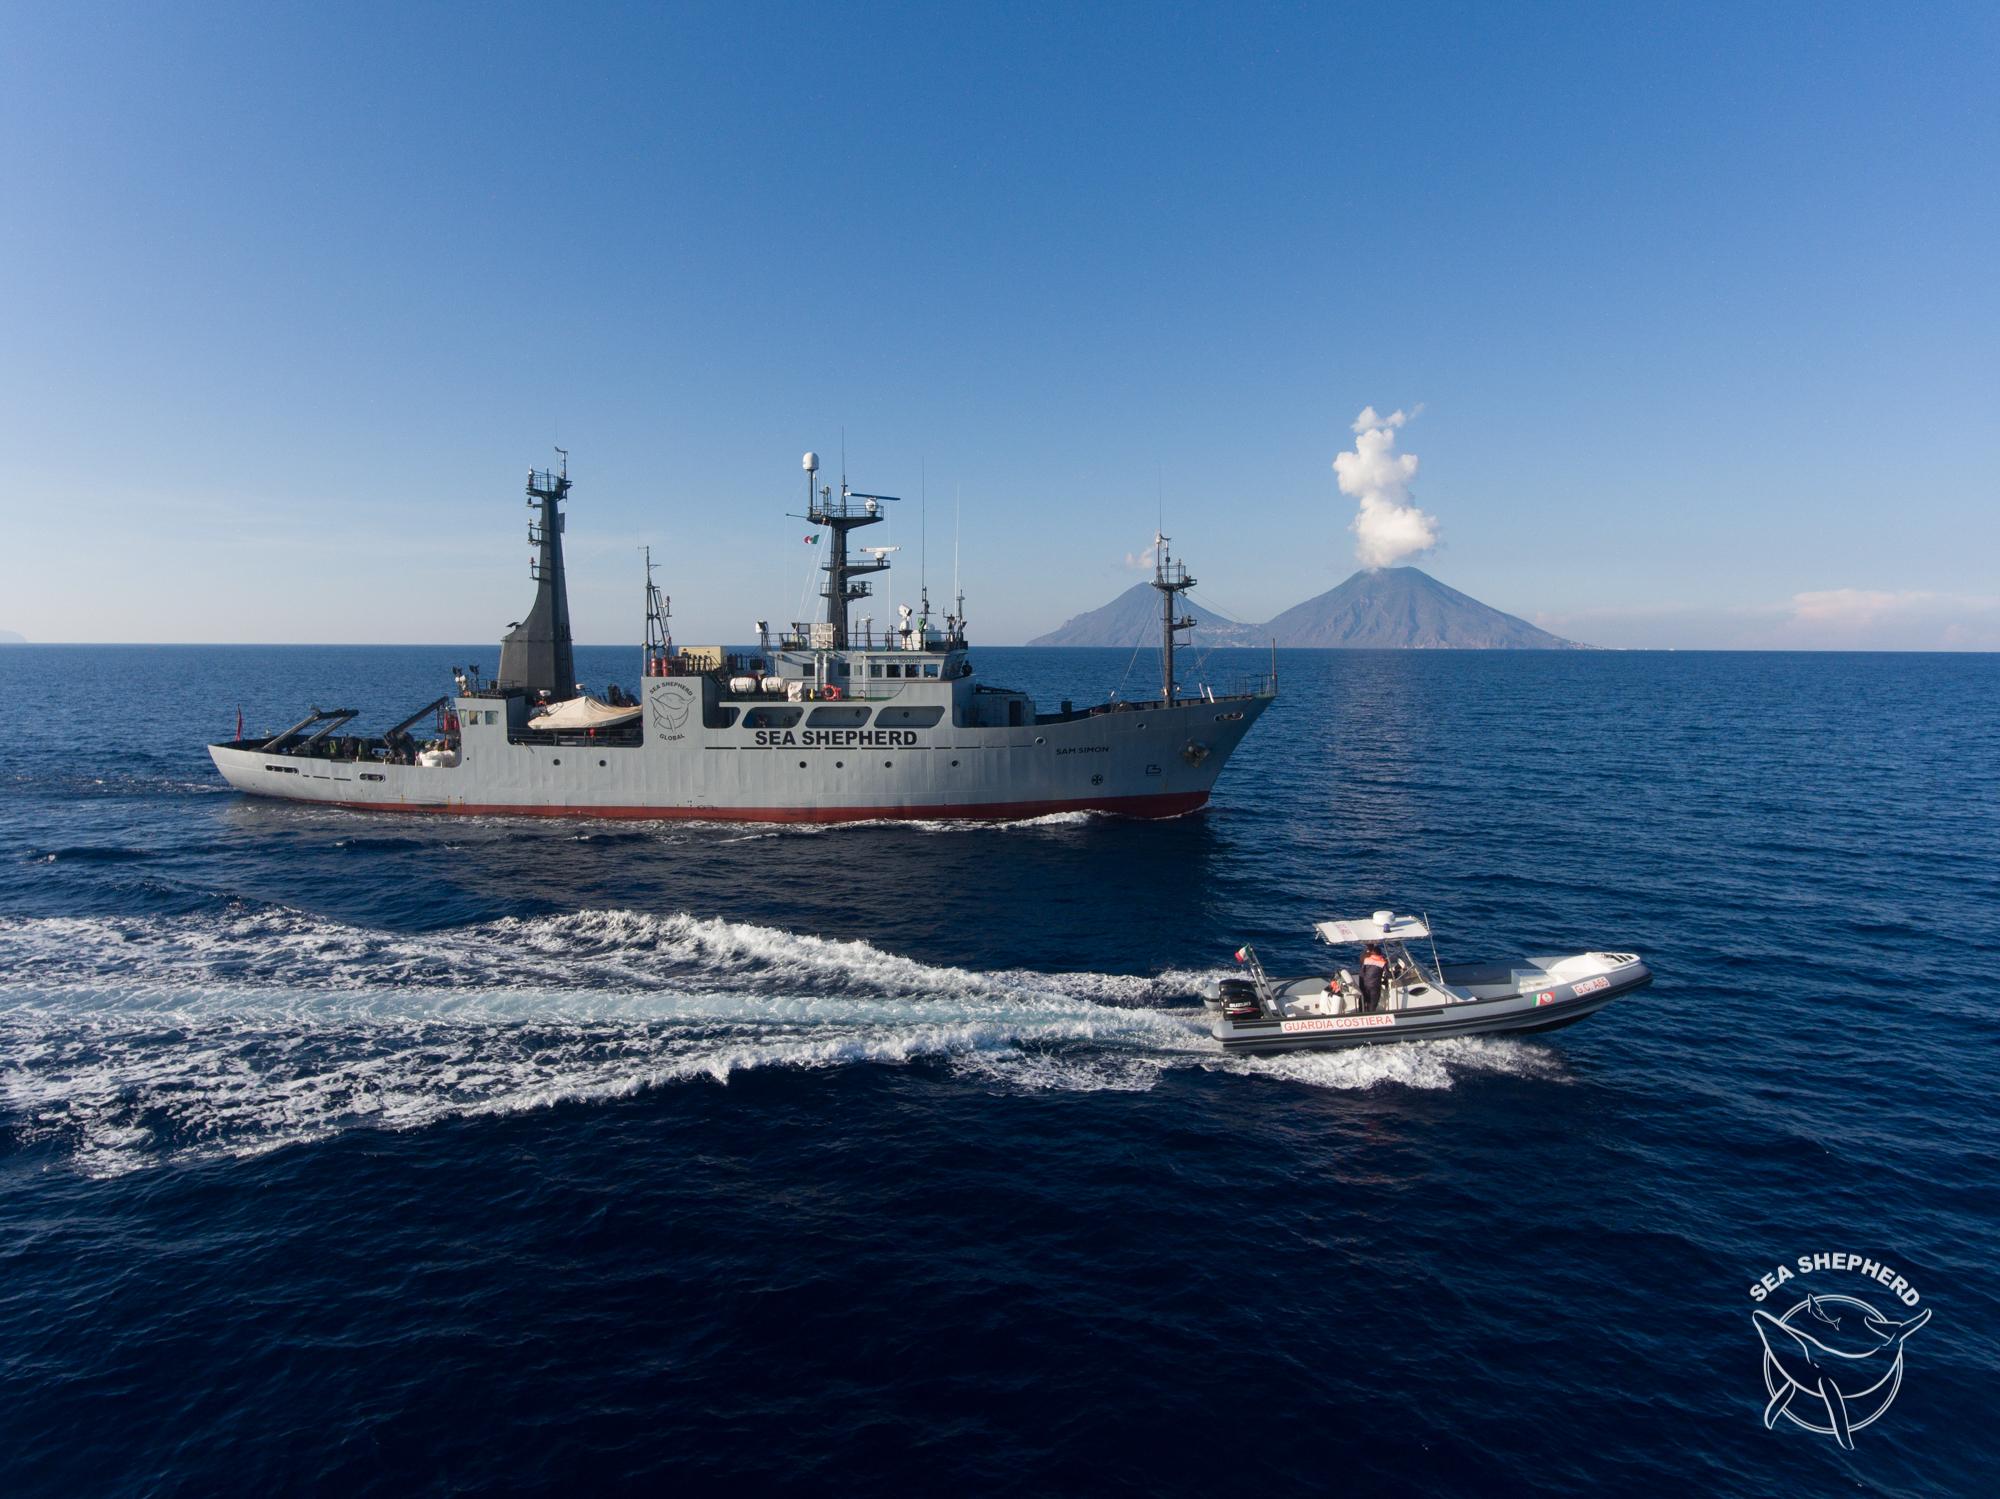 Le nostre navi al largo delle Eolie per Operazione SISO